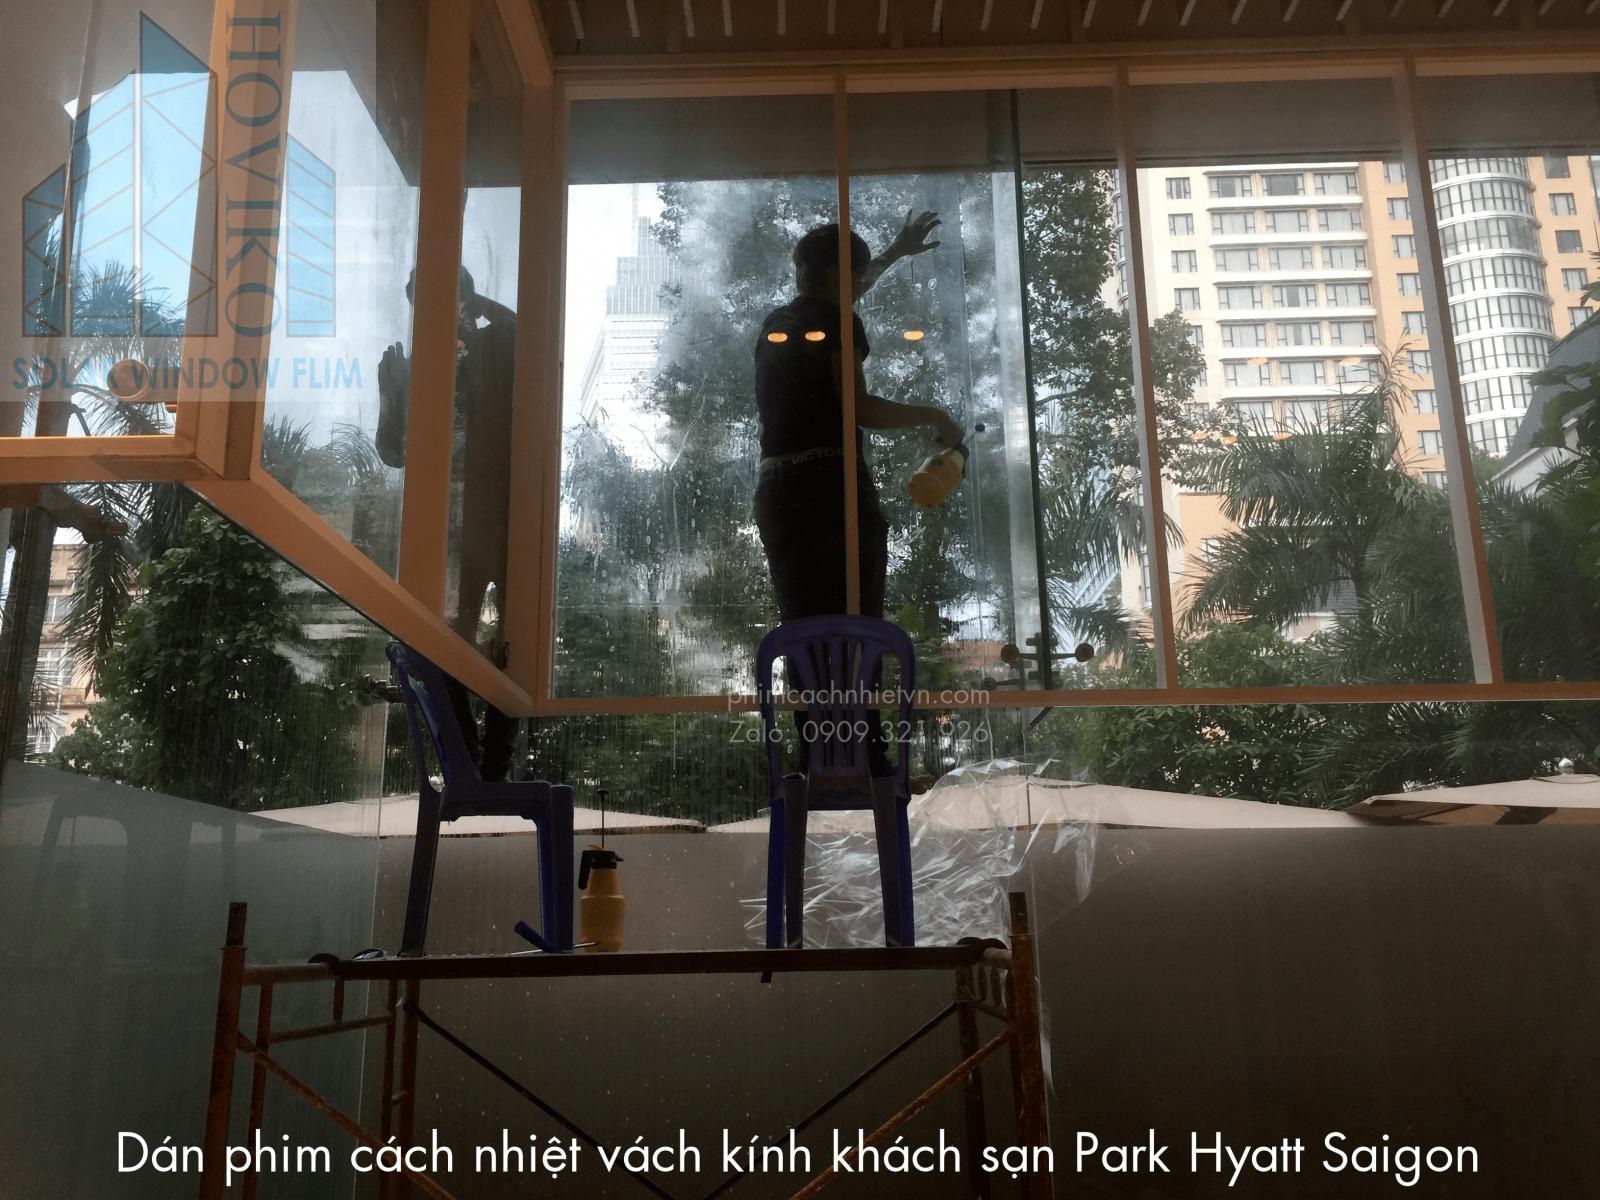 dán phim cách nhiệt khách sạn Park Hyatt Saigon